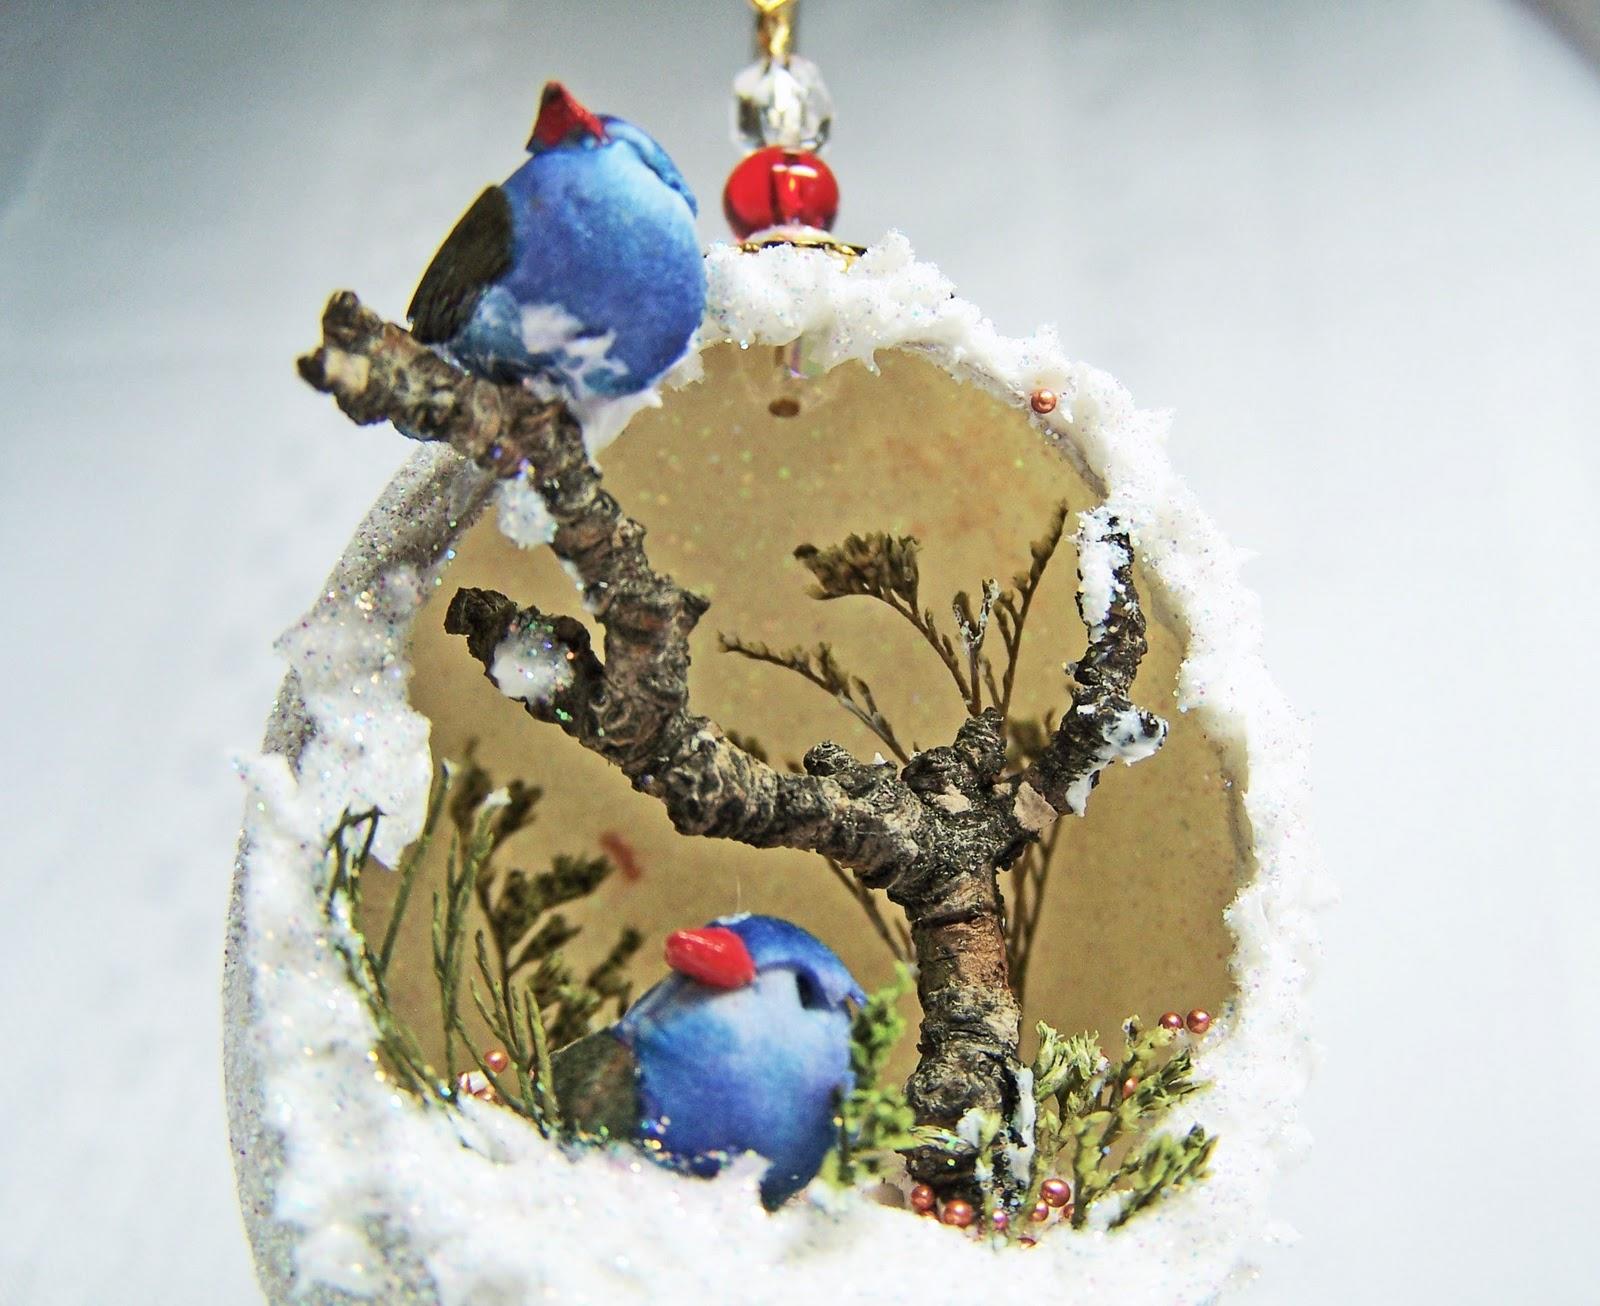 http://2.bp.blogspot.com/_8zWvv4PJbL8/TJ3Ou9CArzI/AAAAAAAAAyE/RmCS0E-If-c/s1600/blue+bird+egg+up.jpg